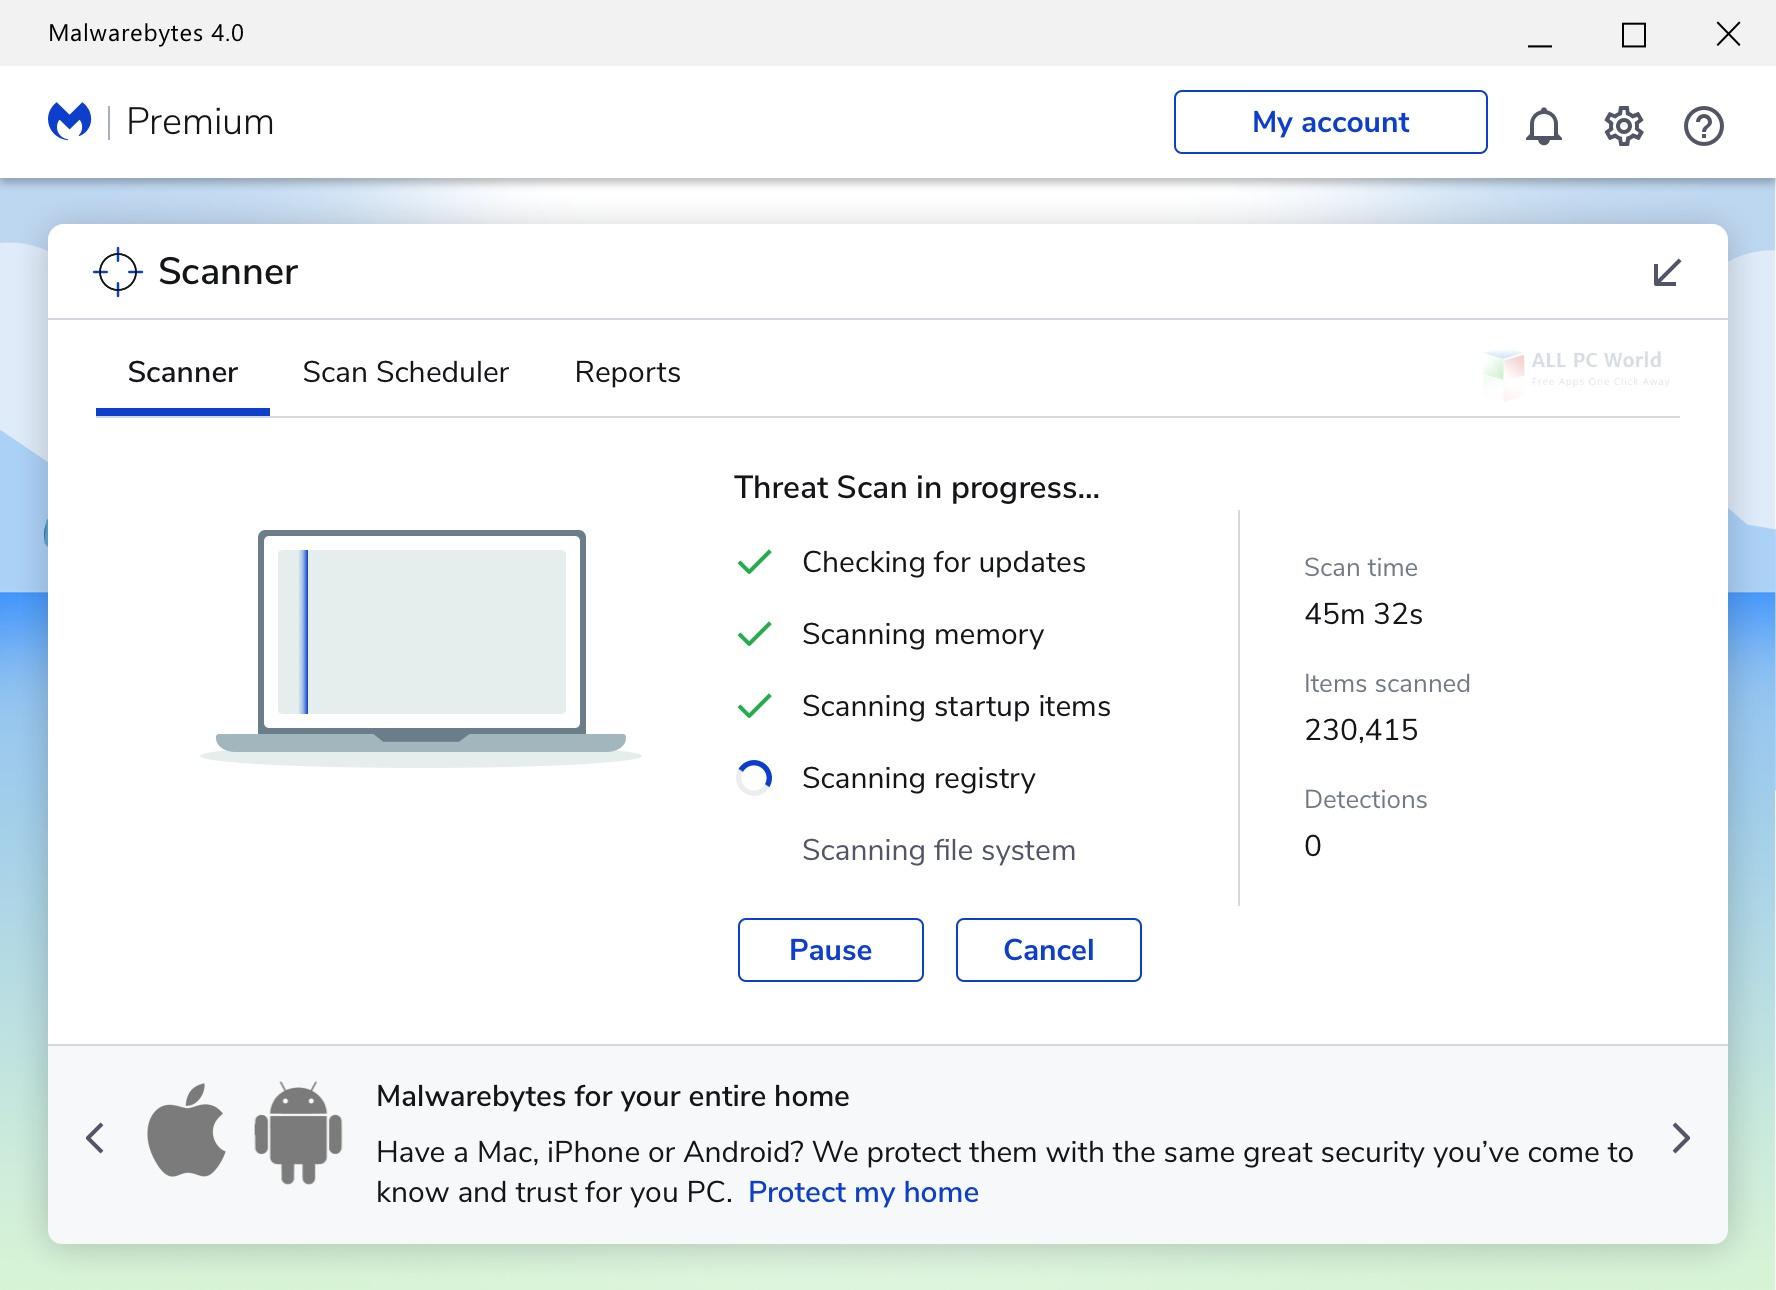 Malwarebytes Antimalware Premium 4.0 Free Download